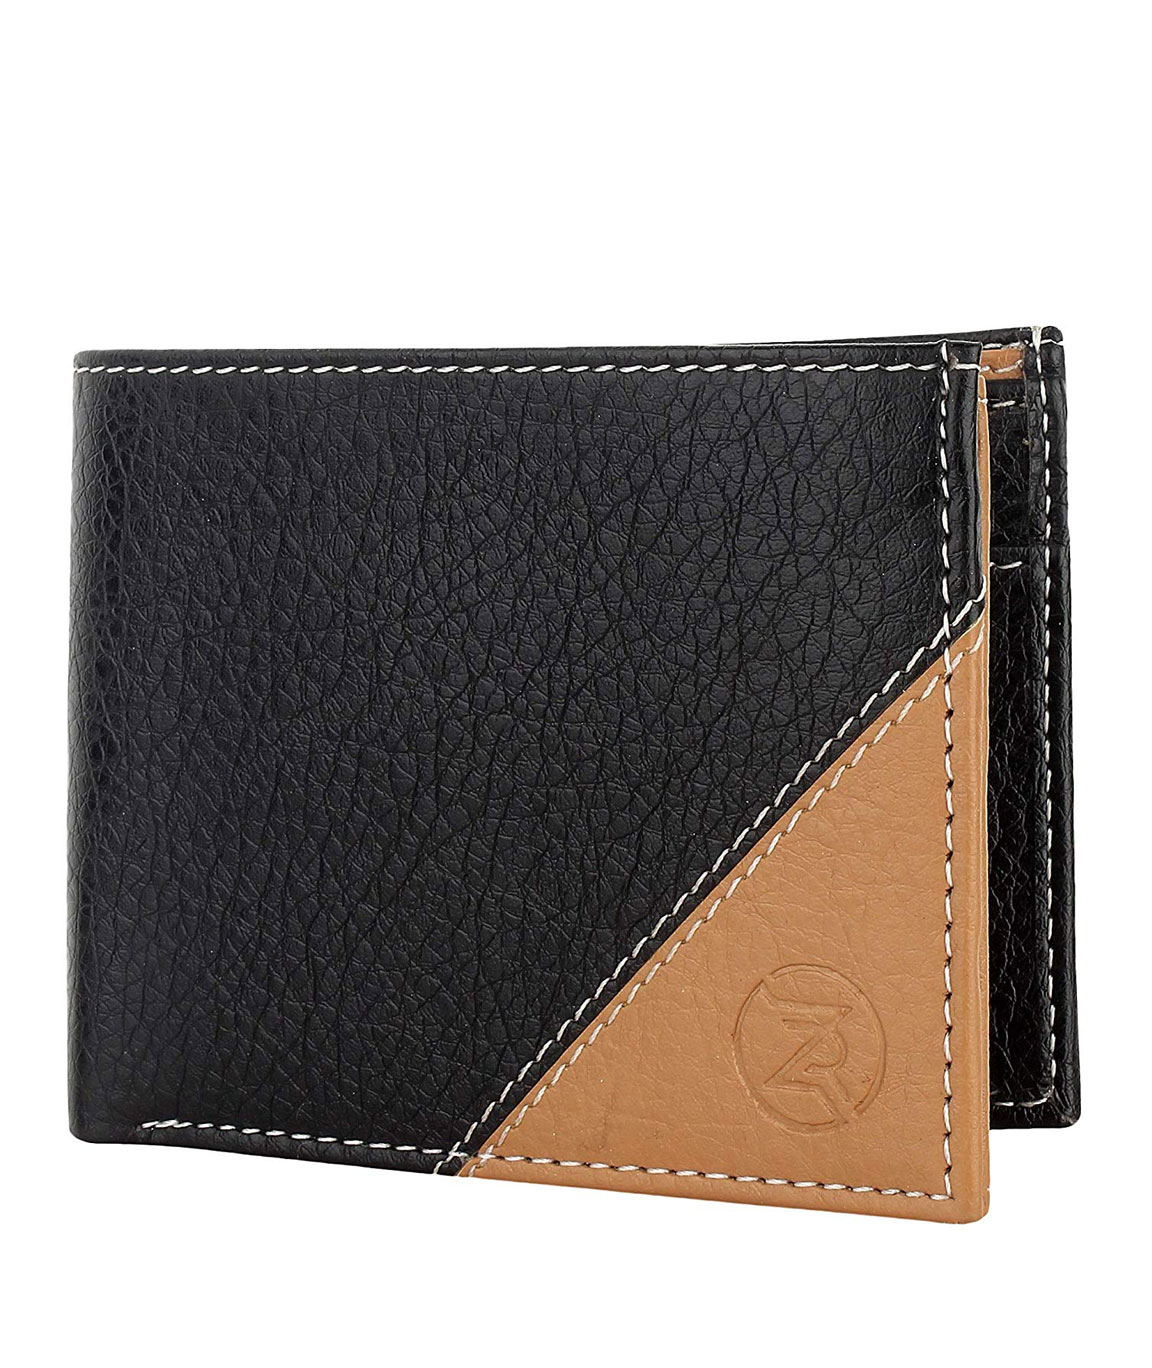 ZORO Men`s PU Leather Card Wallet (Black Beige)